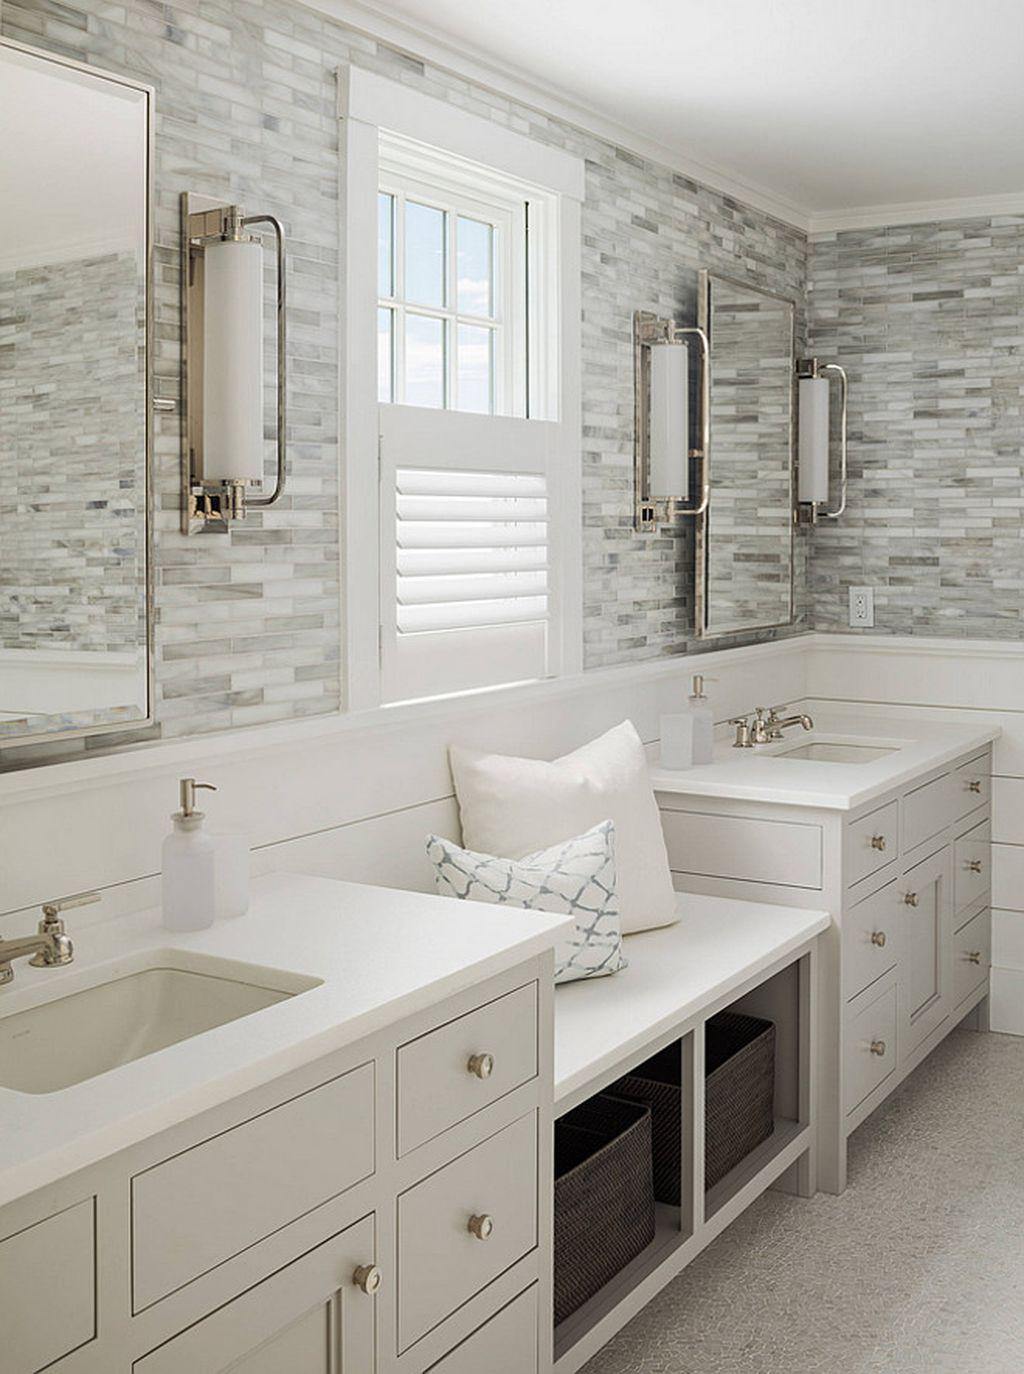 67 Fantastic Minimalist White Bathroom Remodel Ideas | Minimalist ...